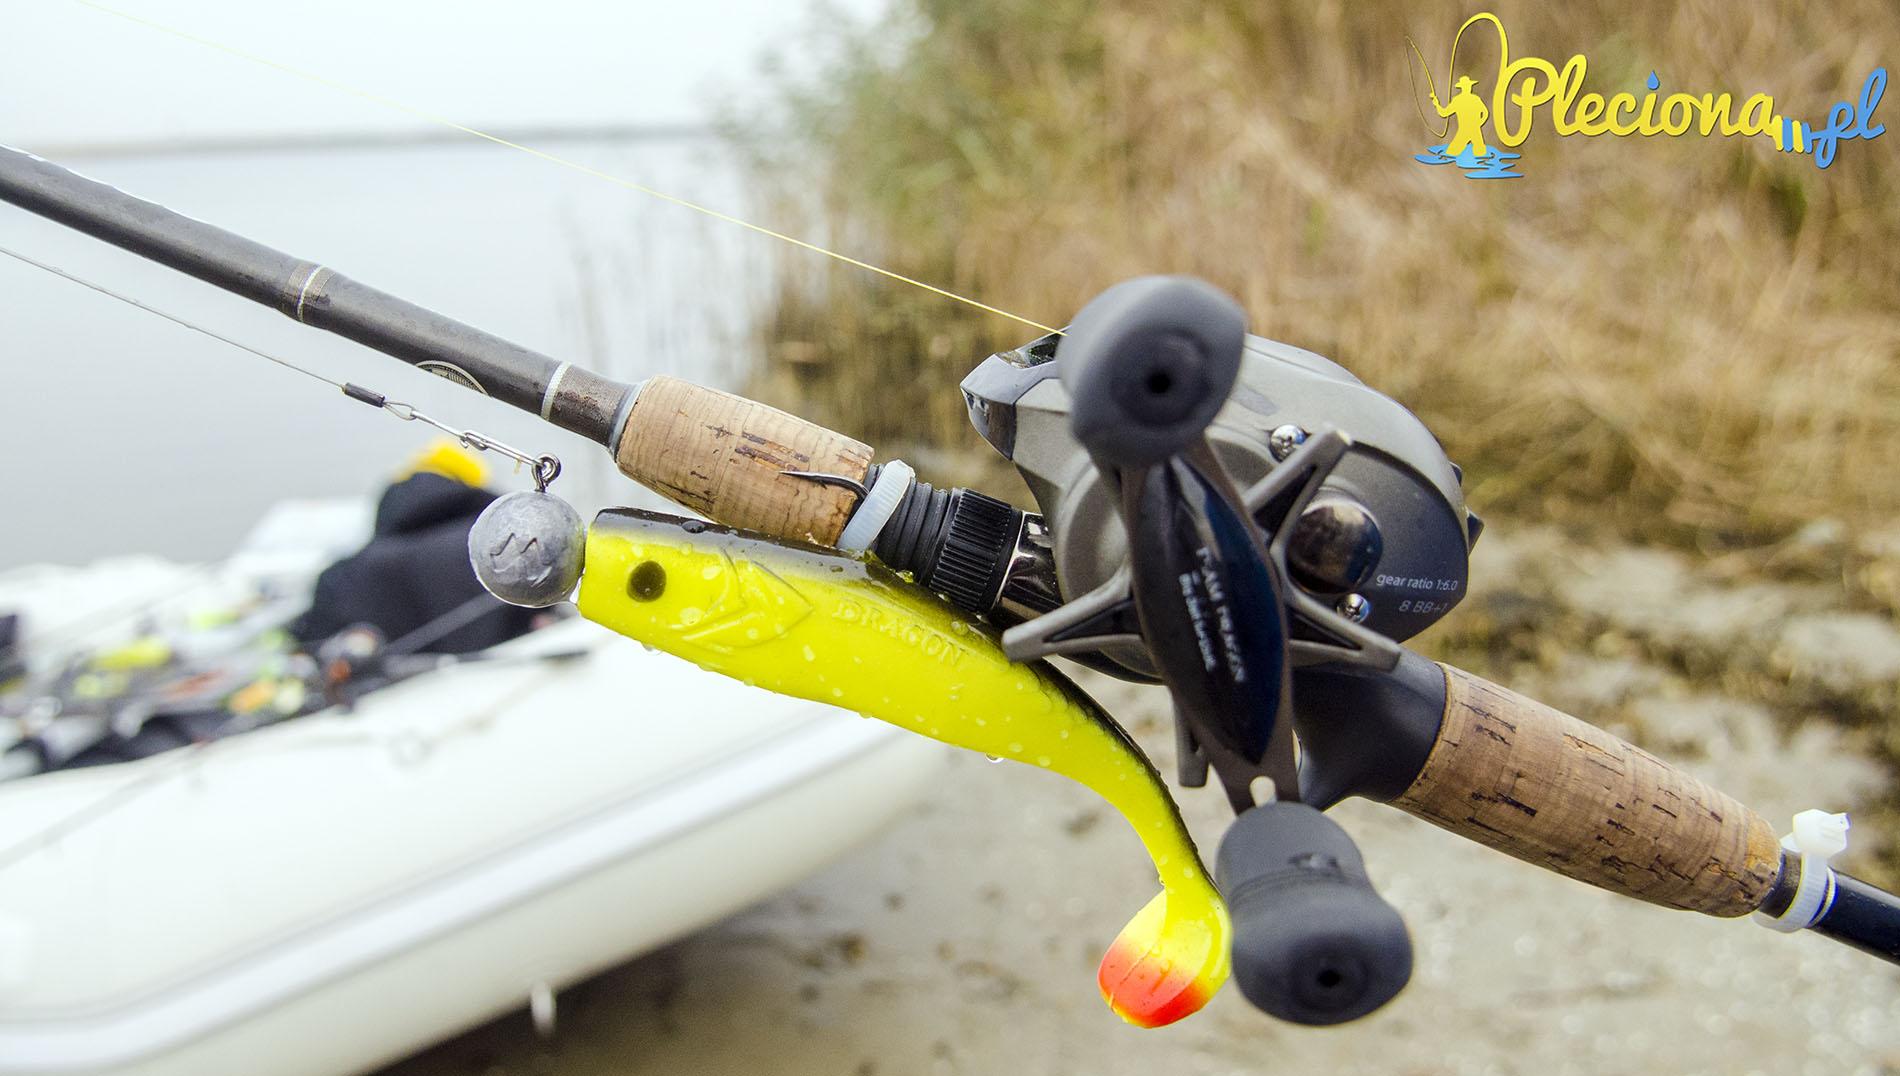 Brak uchwytu na przynętę utrudnia łowienie, ale są na to skuteczne sposoby.